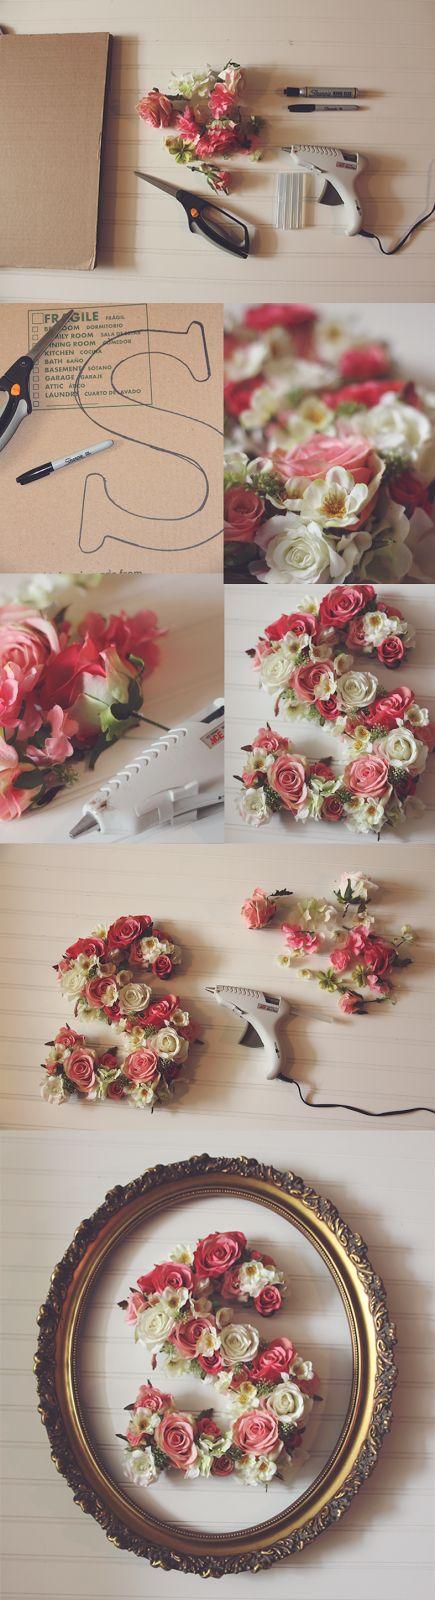 yapma-çiçekler-ile-duvar-süsü